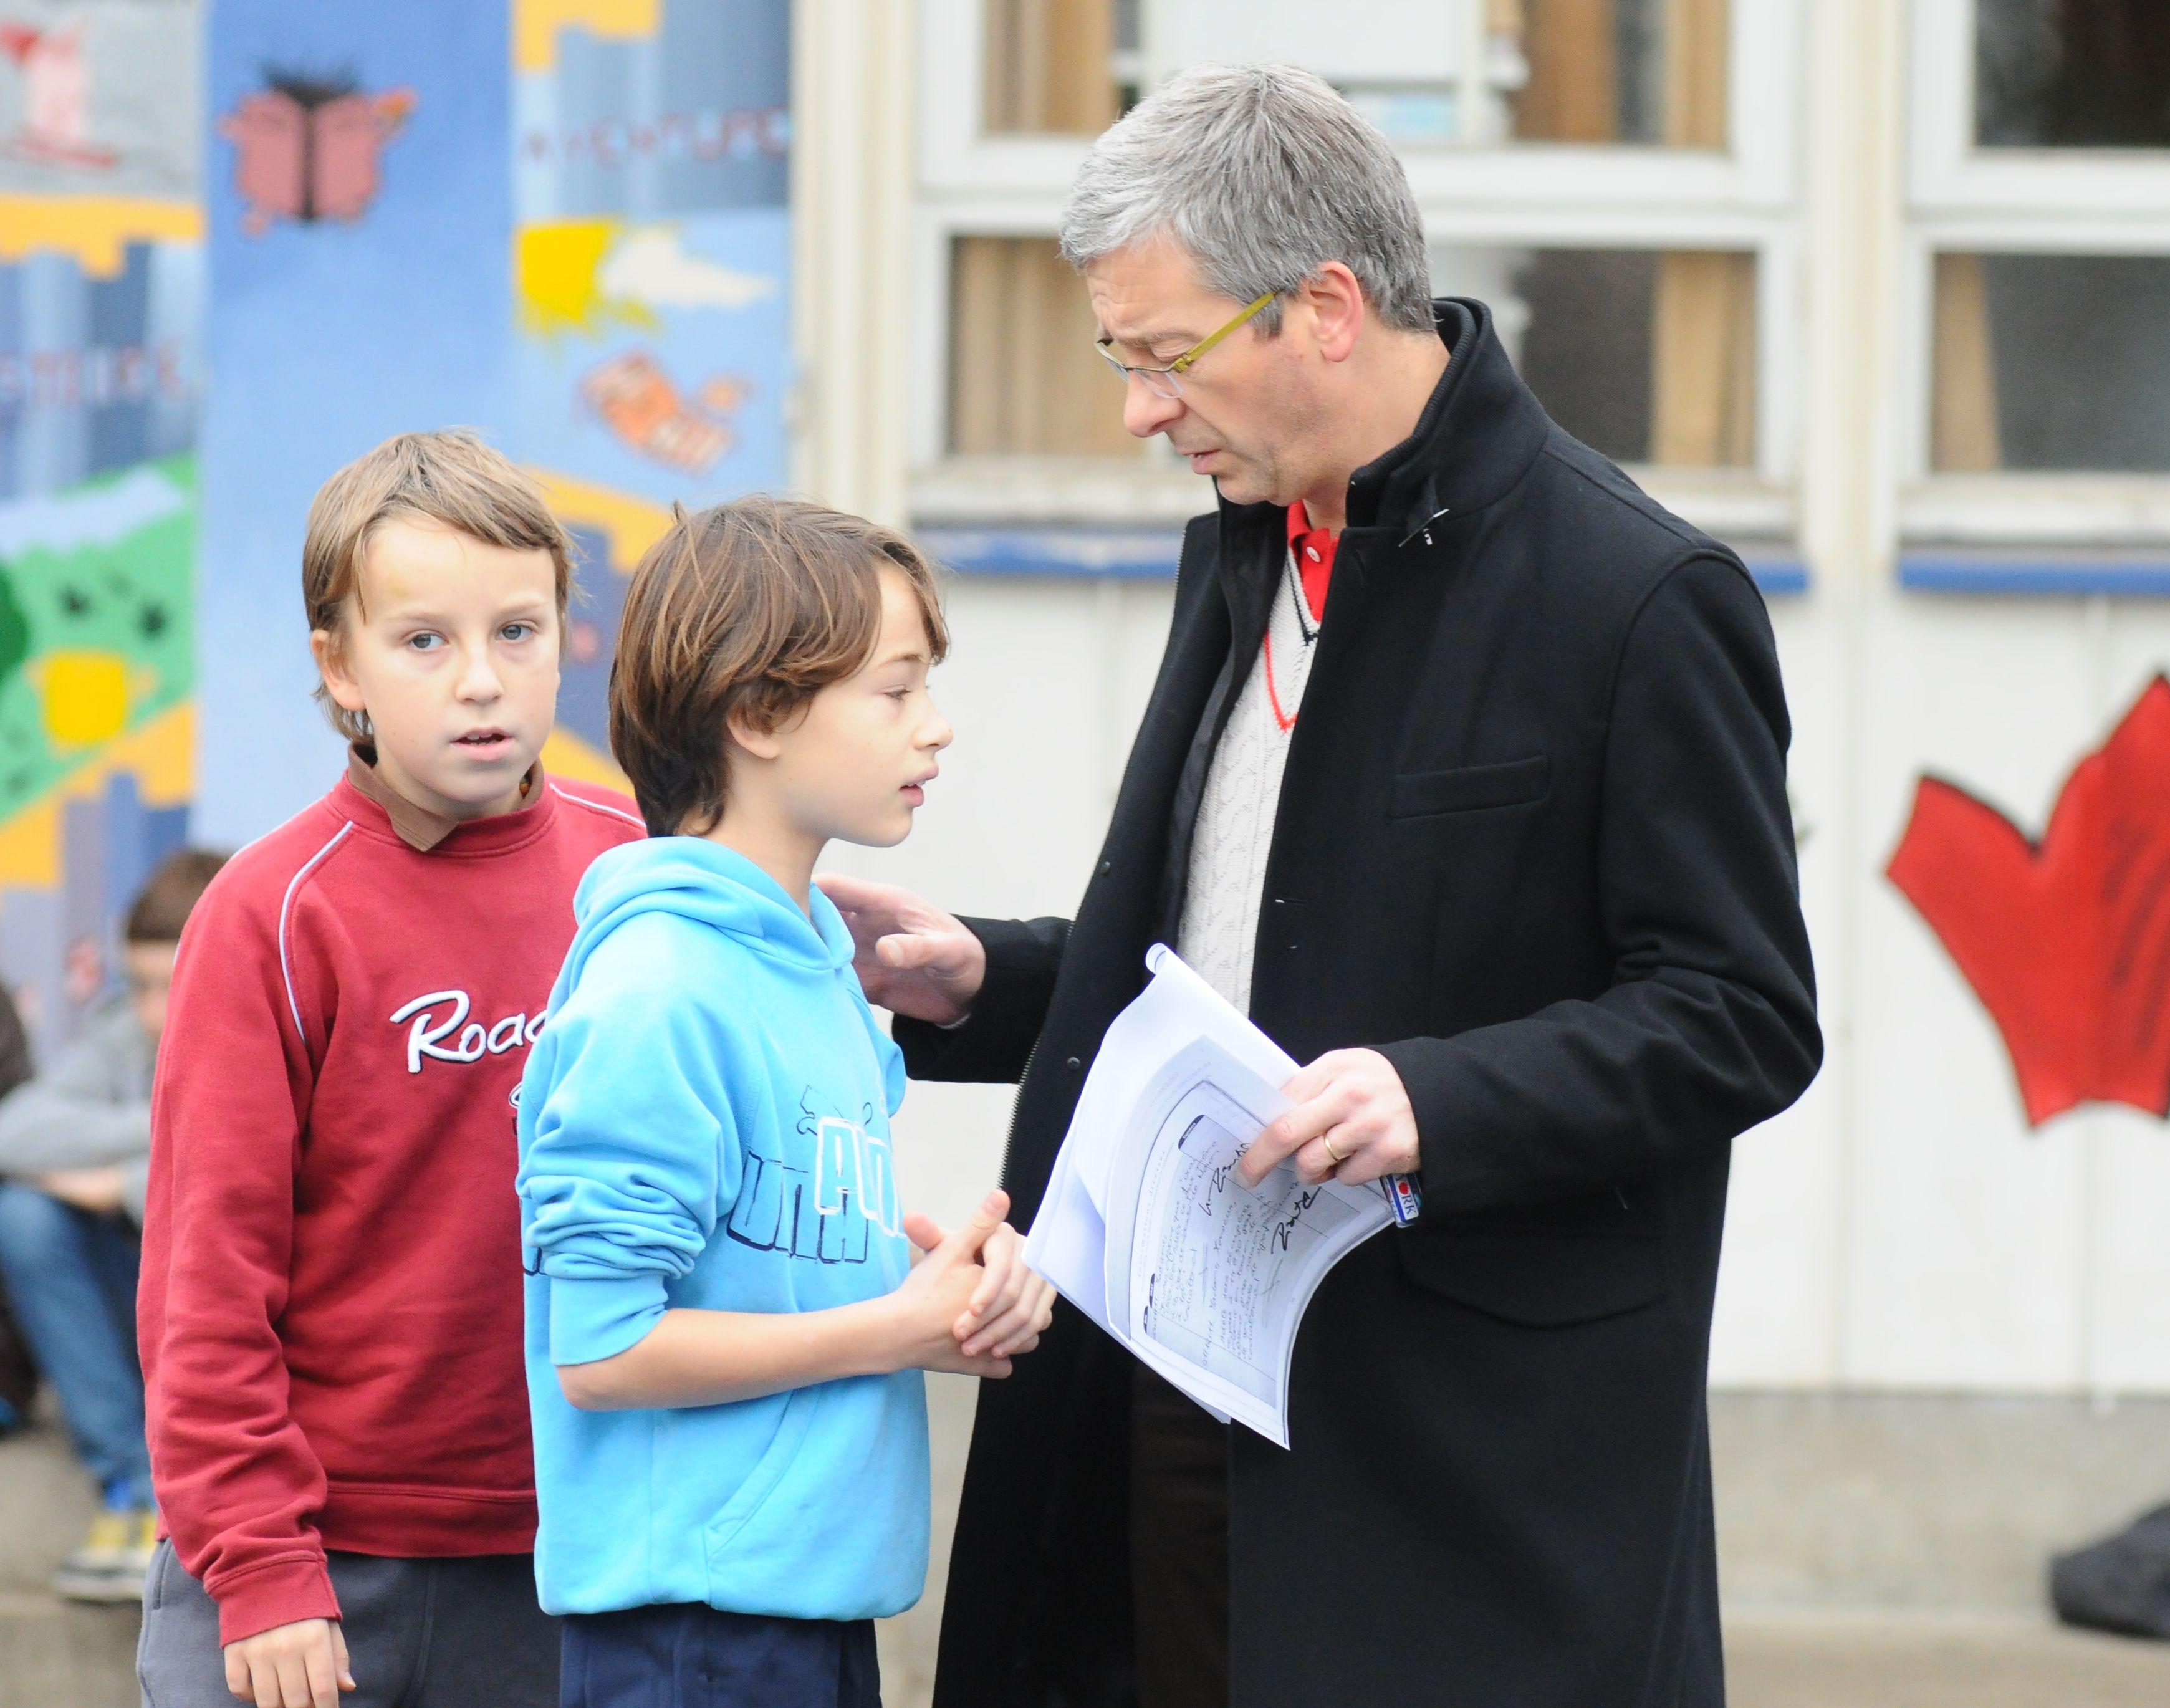 Des personnels éducatifs à l'écoute des jeunes qui, en partenariat avec les familles, les aideront à se trouver et à grandir.